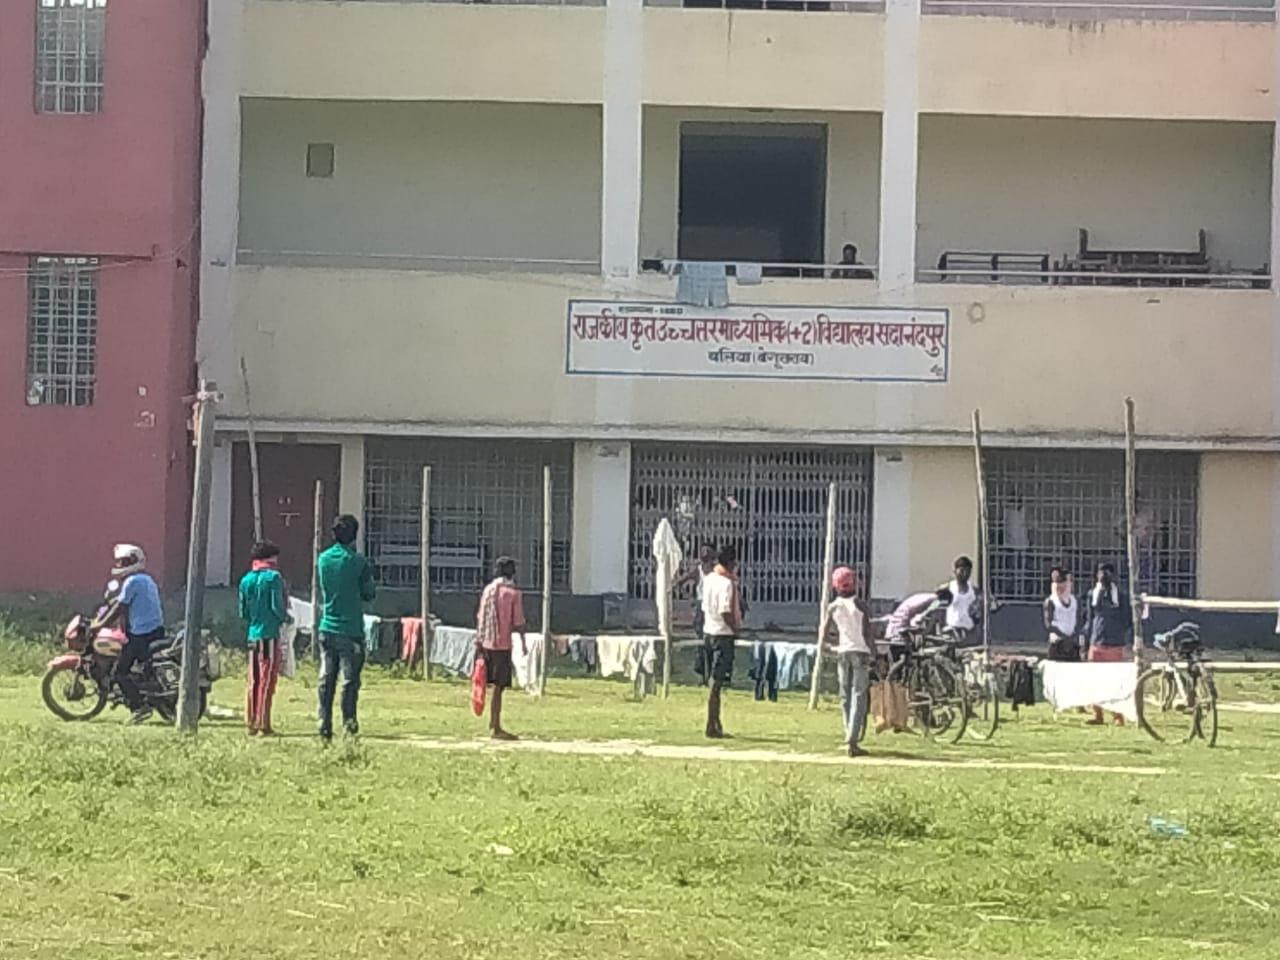 क्वॉरेंटाइन सेंटर में सुरक्षा व्यवस्था की उड़ रही धज्जियां,भोजन एवं कपड़े पहुंचा रहे मजदूर के परिजन।